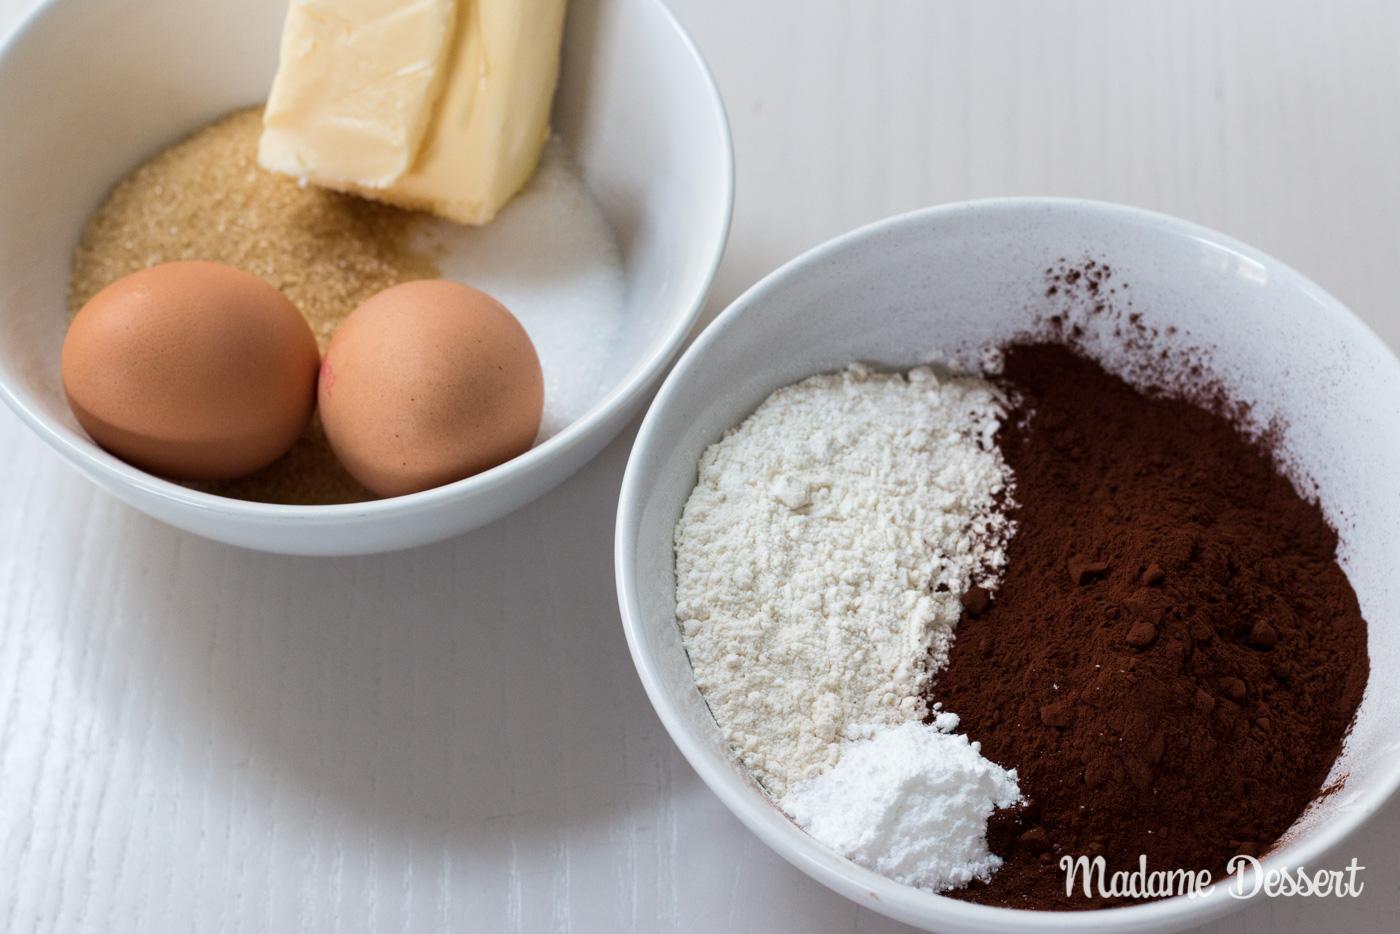 Grabestörtchen | Madame Dessert